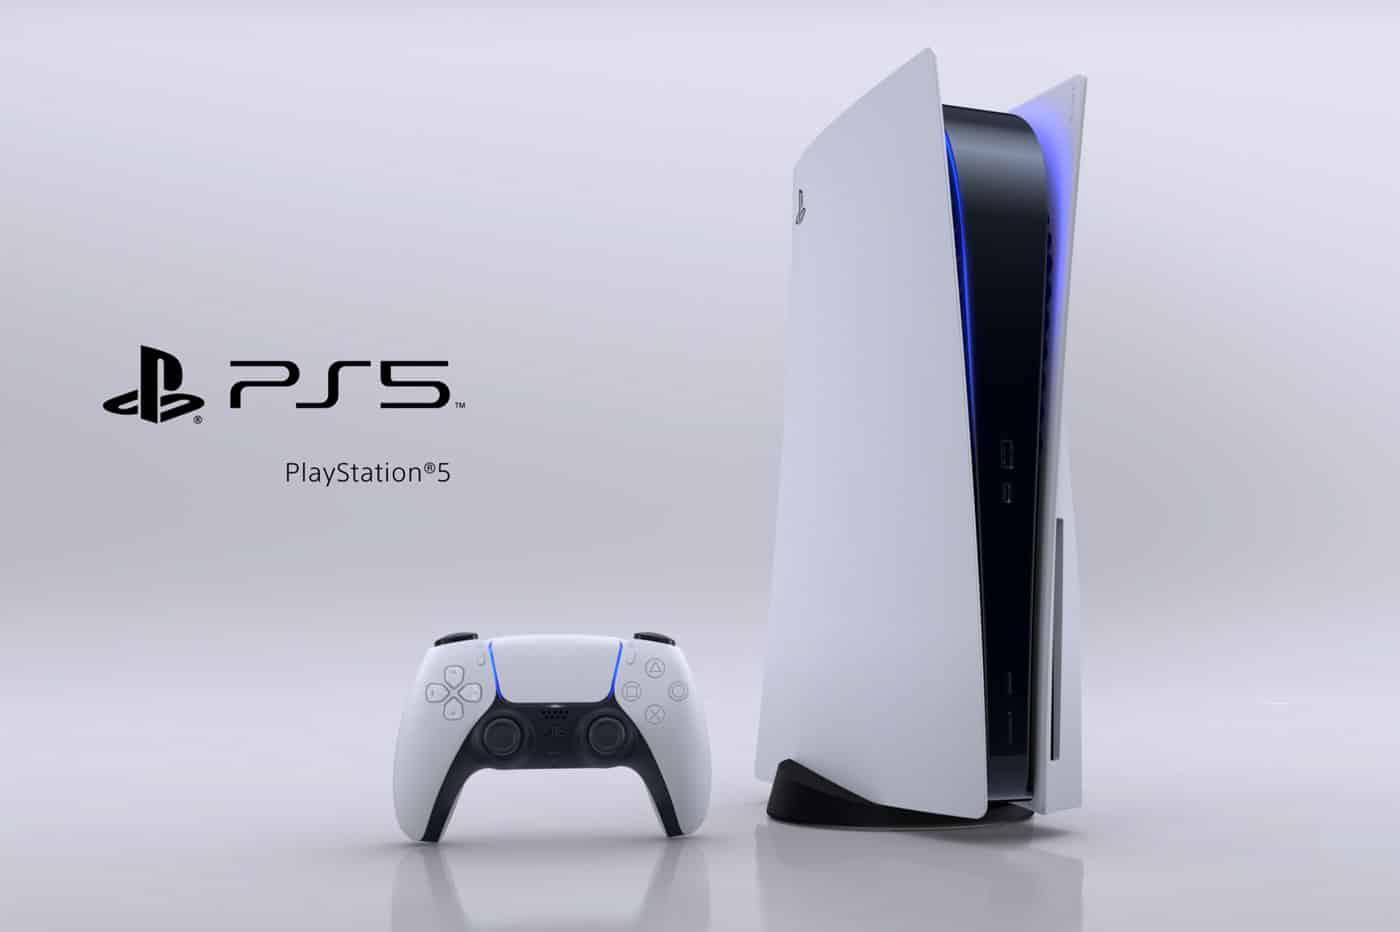 PS5 : quelles sont les meilleures Tv et technologies pour profiter au maximum de l'expérience ?